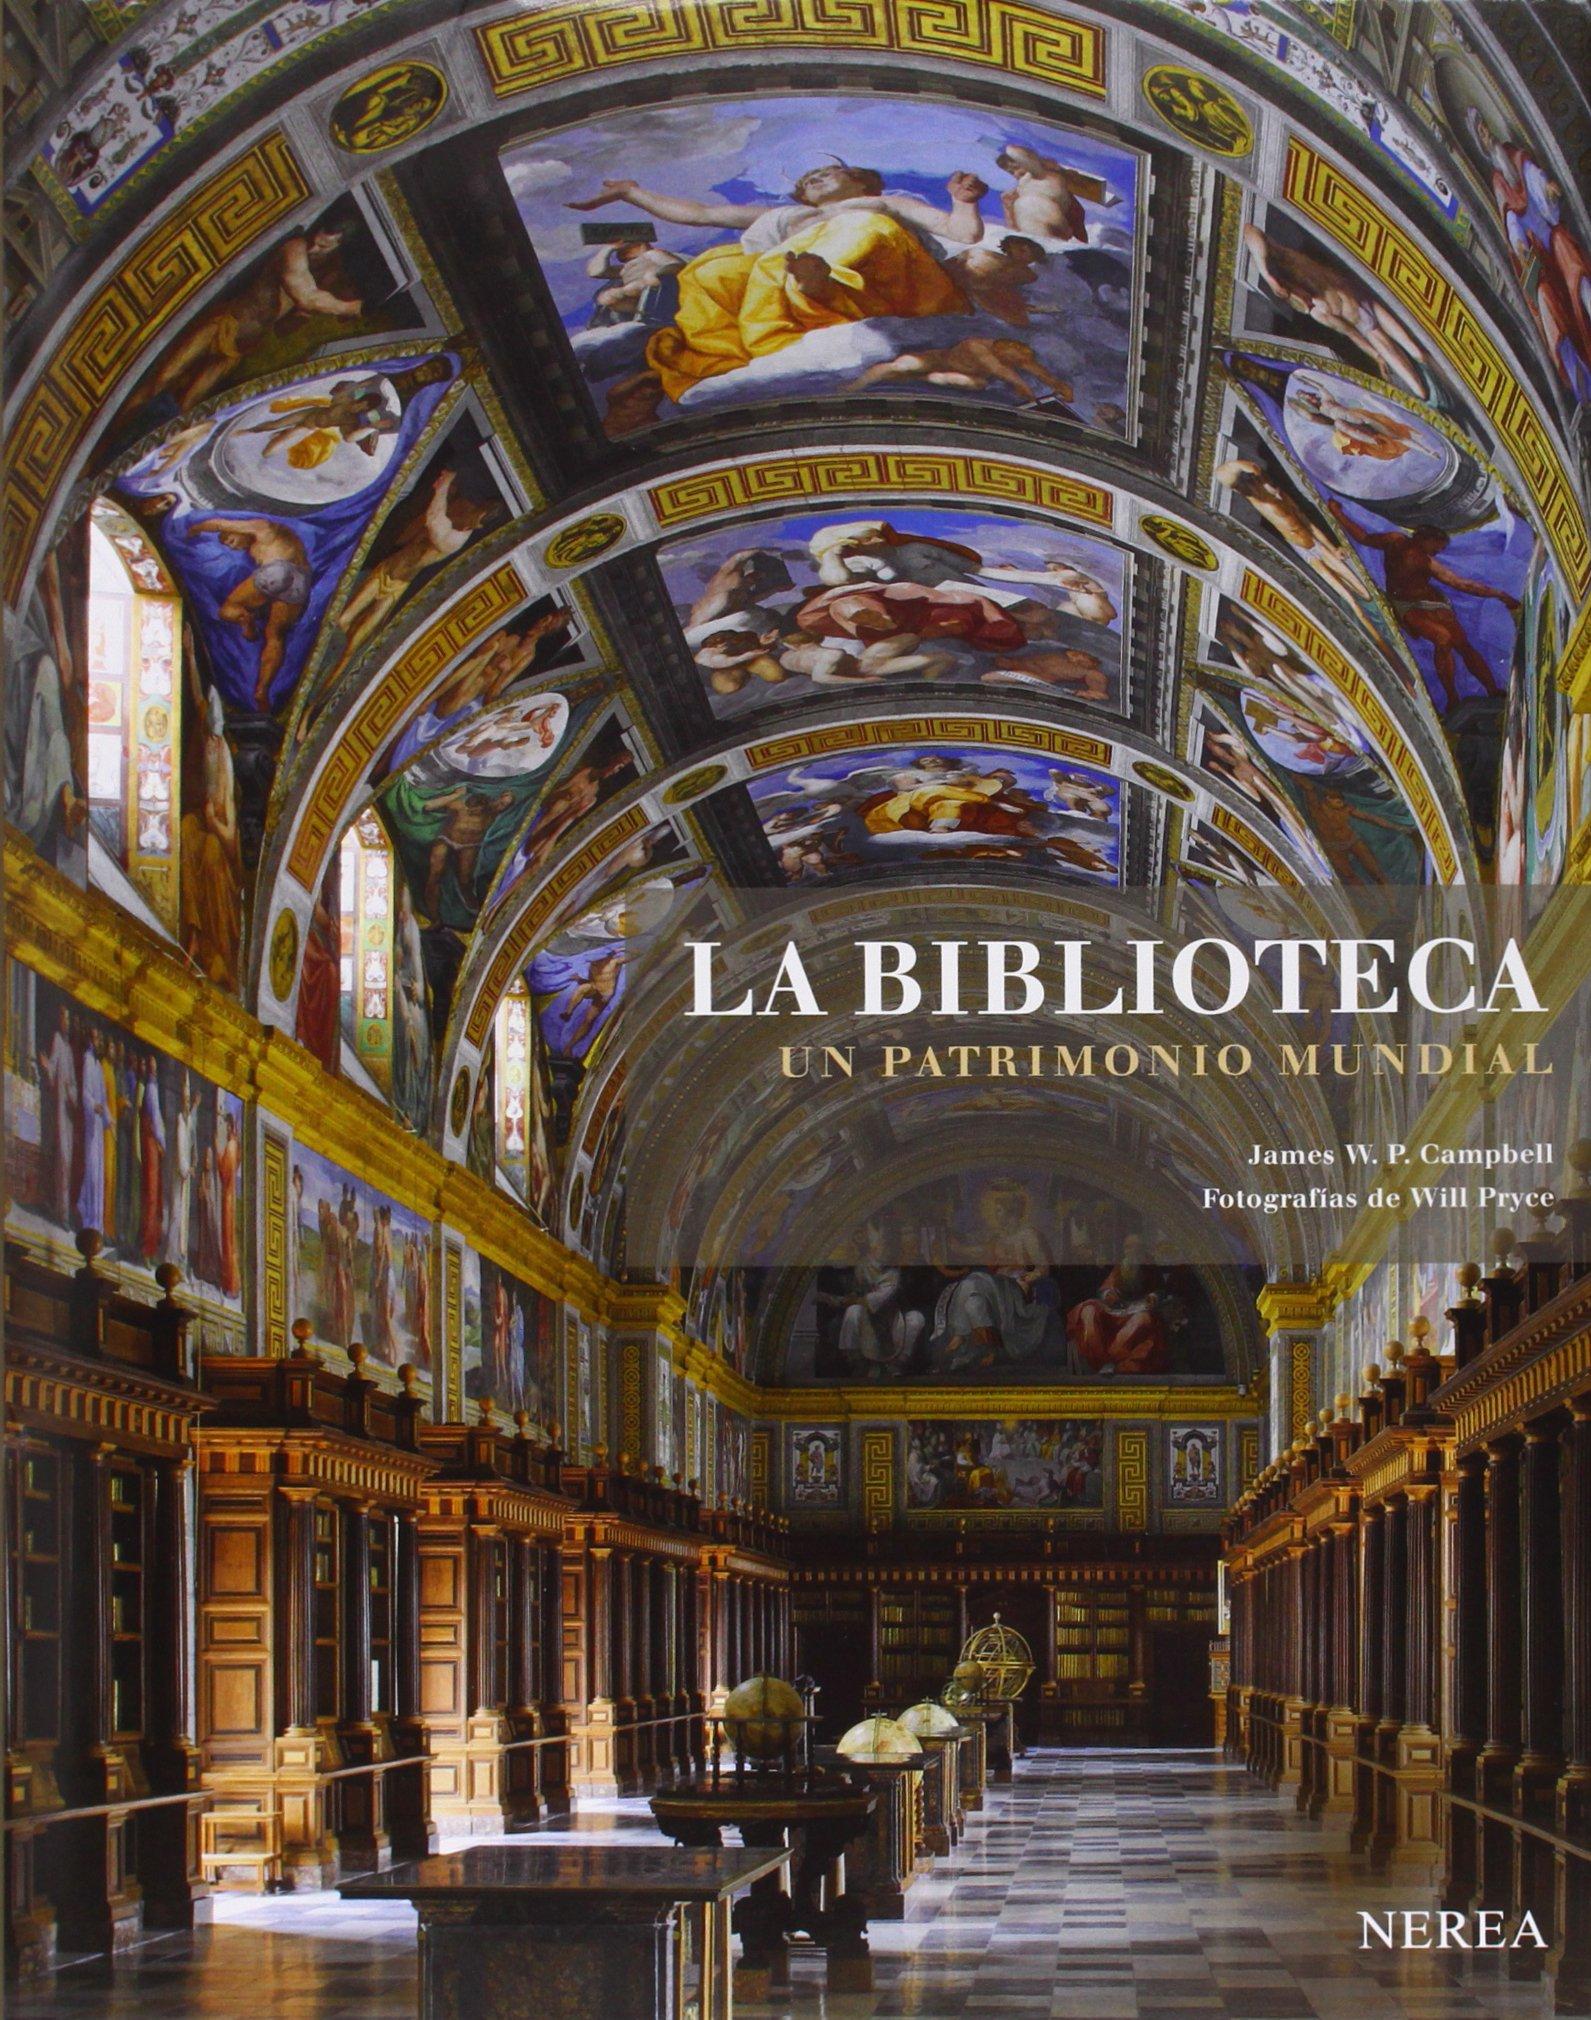 La biblioteca. Un patrimonio mundial: Amazon.es: W. P. CAMPBELL, JAMES/PRYCE, WILL, Quirós Herrero, Carlos, Torreclavero: Libros en idiomas extranjeros